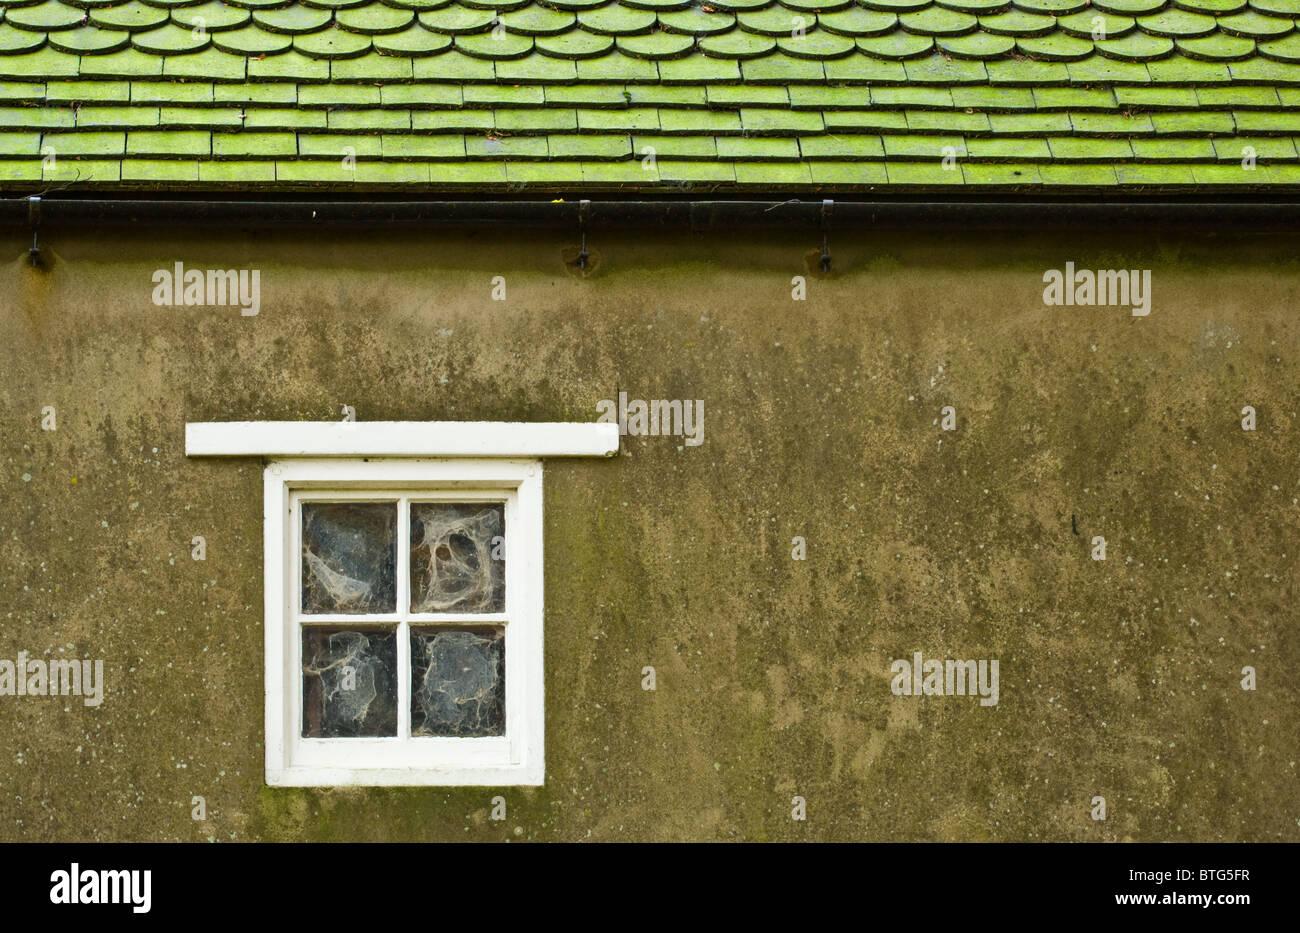 Frame Barn Imágenes De Stock & Frame Barn Fotos De Stock - Alamy